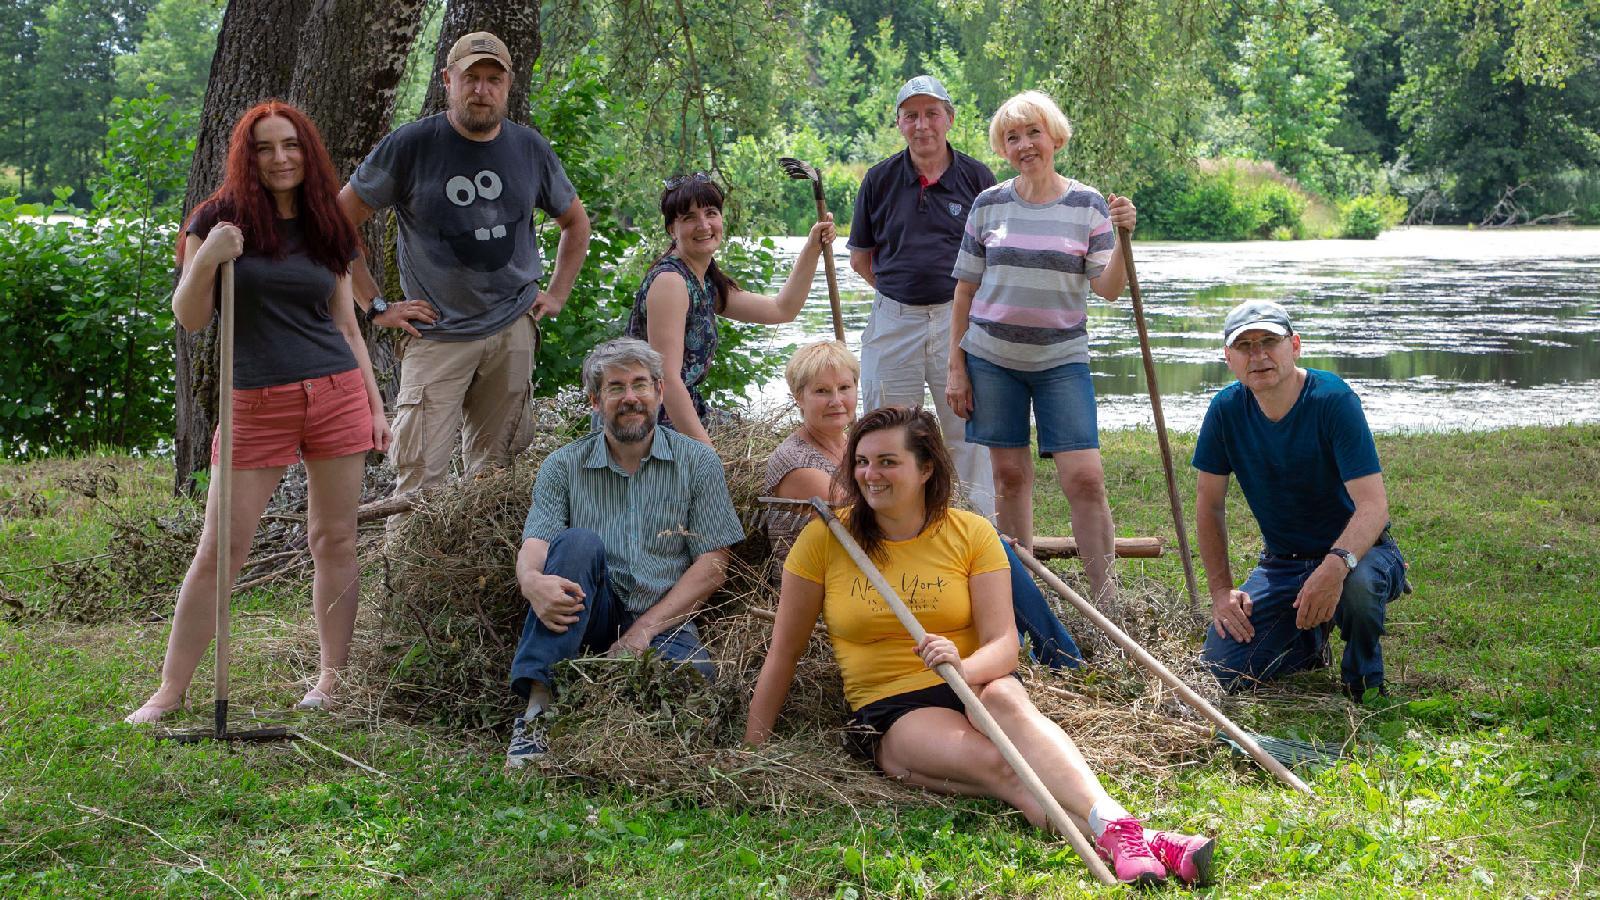 Сотрудники редакции приняли участие в волонтерской акции ВладимироСуздальского музея-заповедника, приехав на уборку парковой зоны усадьбы Храповицкого. 13 июля 2020 года